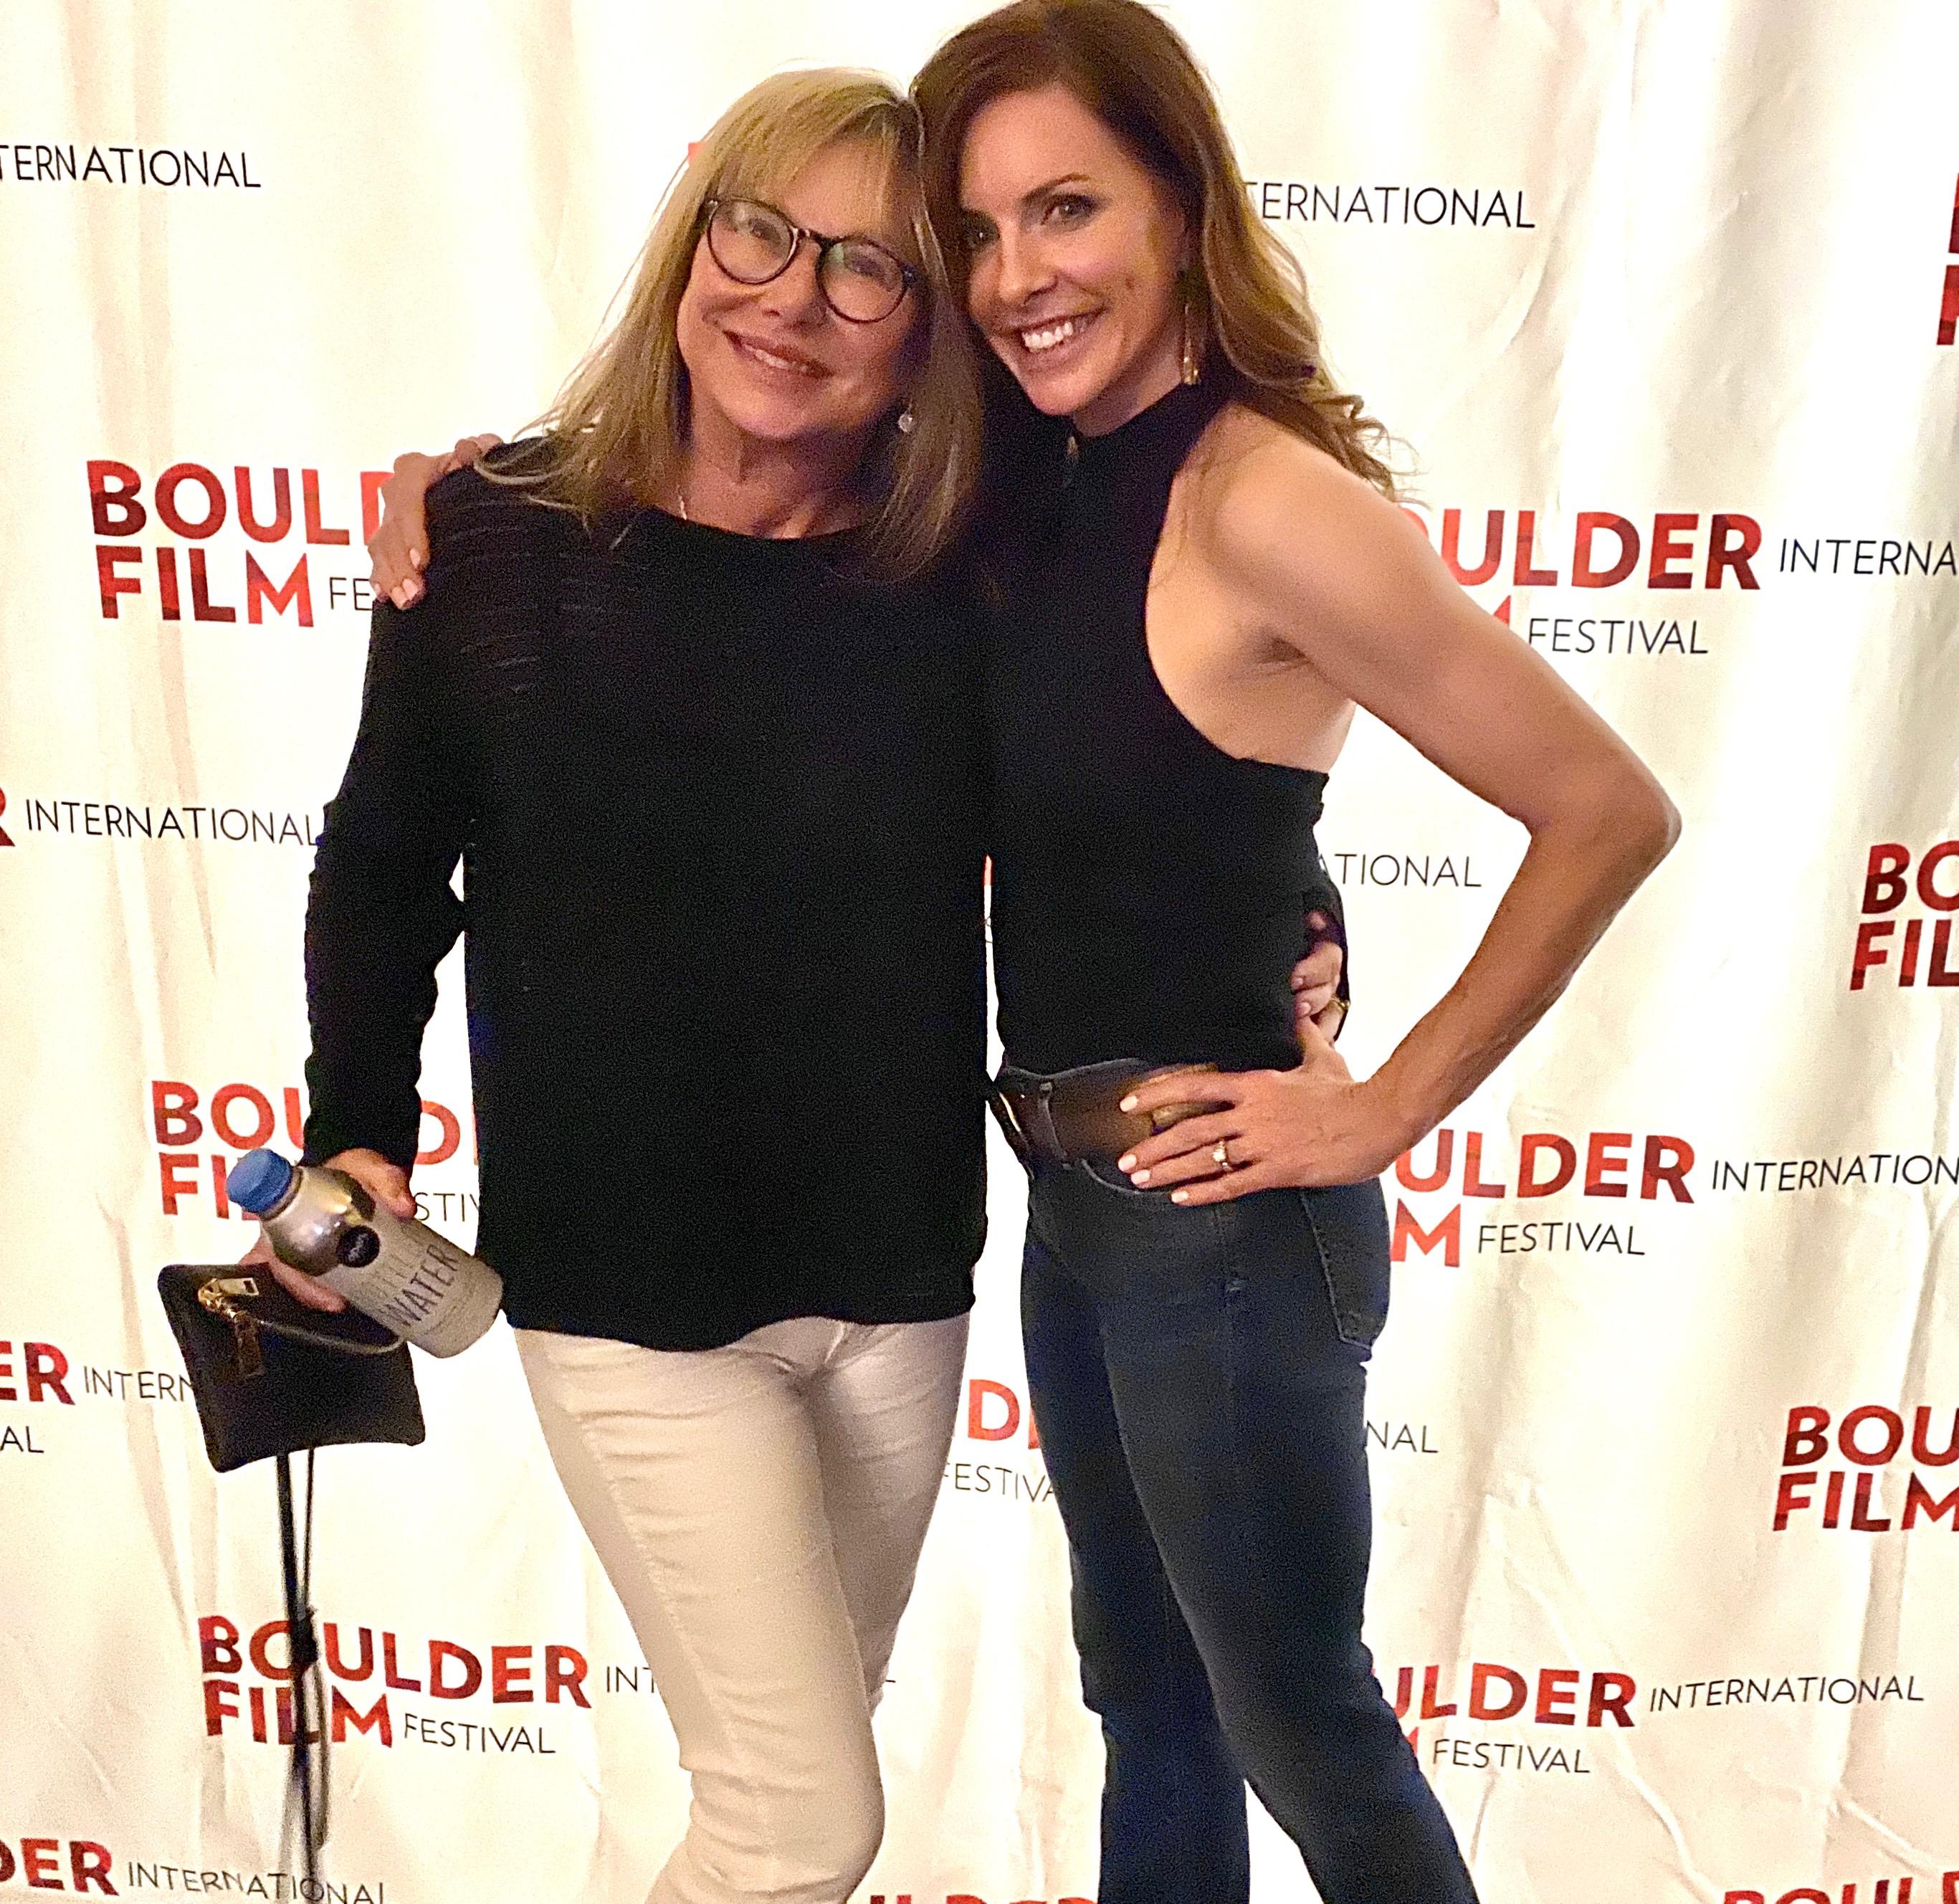 The Social Dilemma, Boulder Film Festival 2020